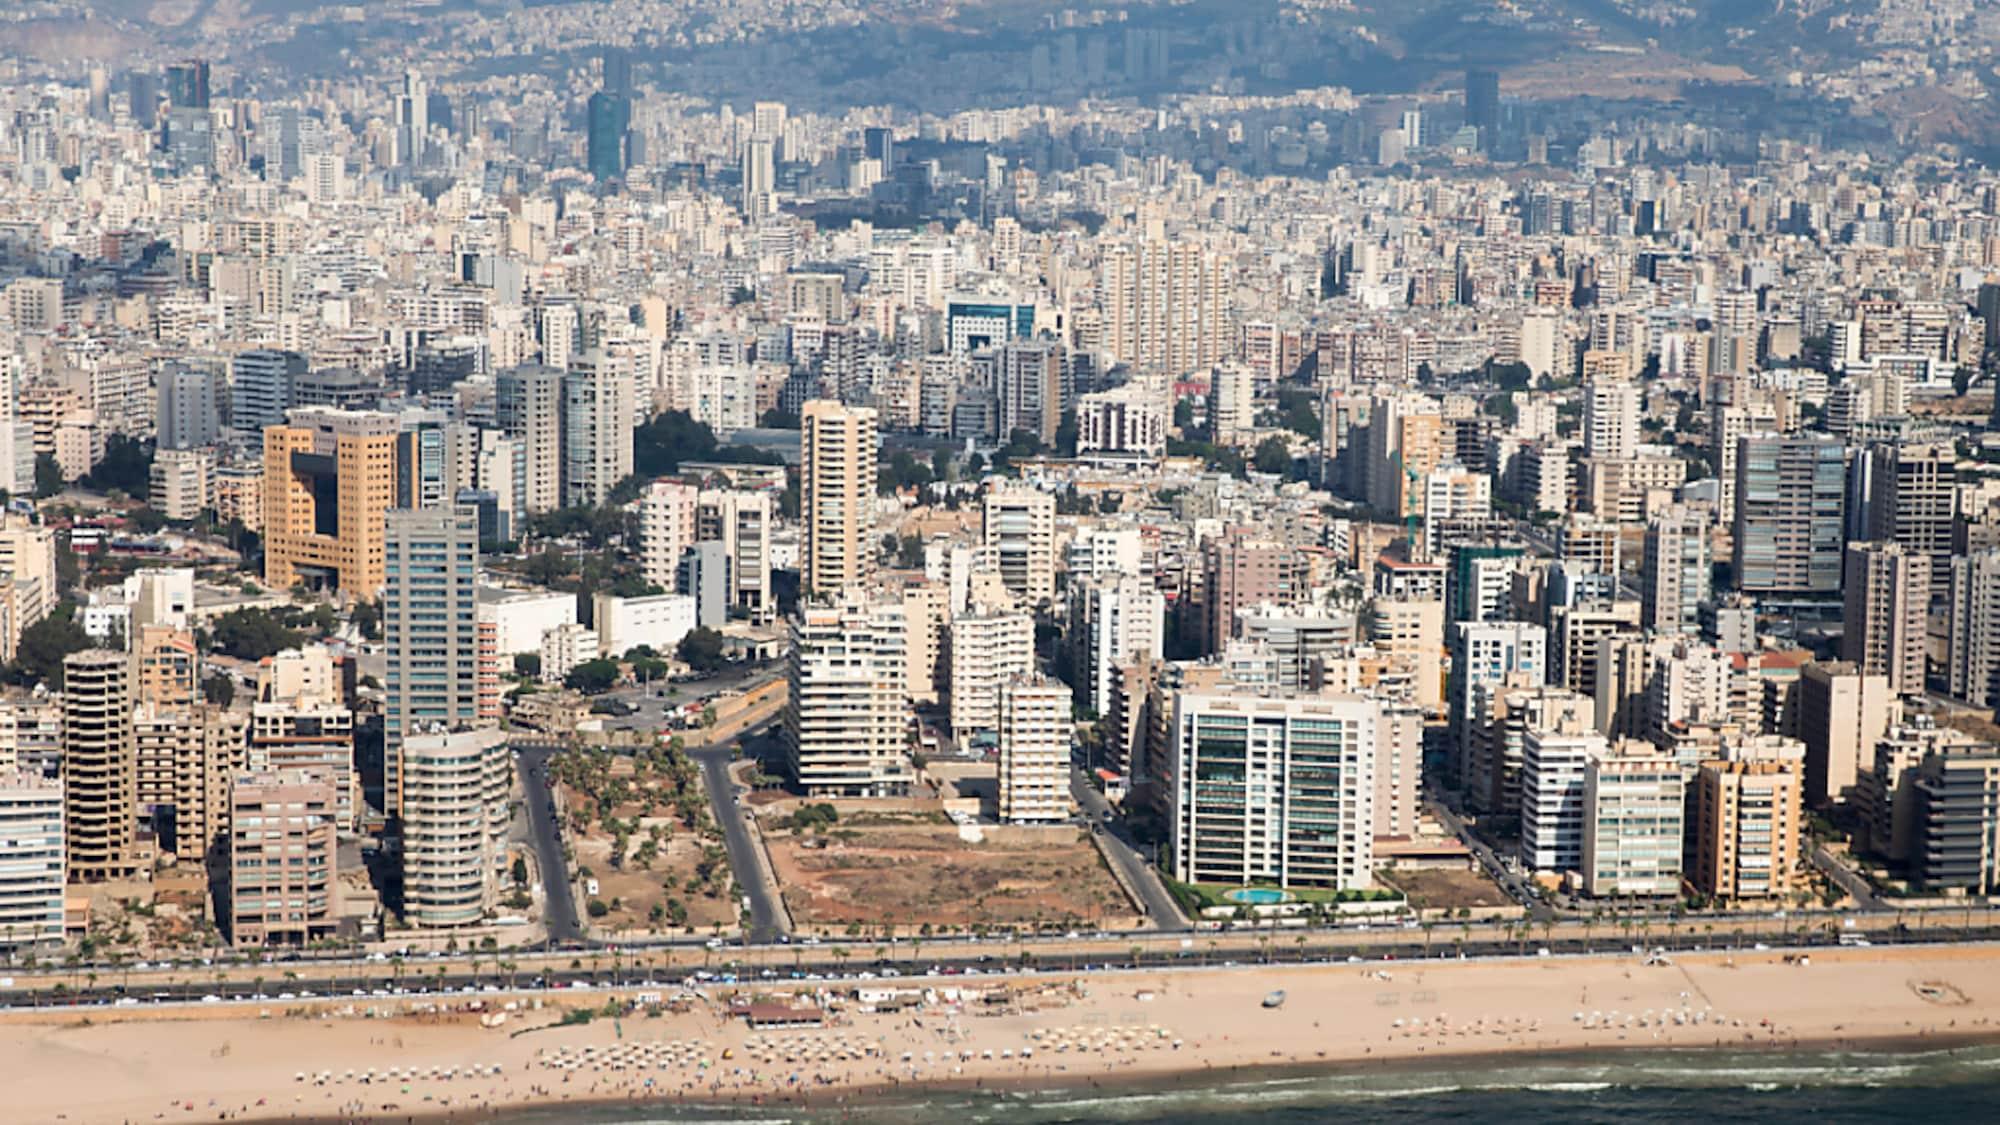 Libanon: Israelische Drohne in Vorort von Beirut abgestürzt